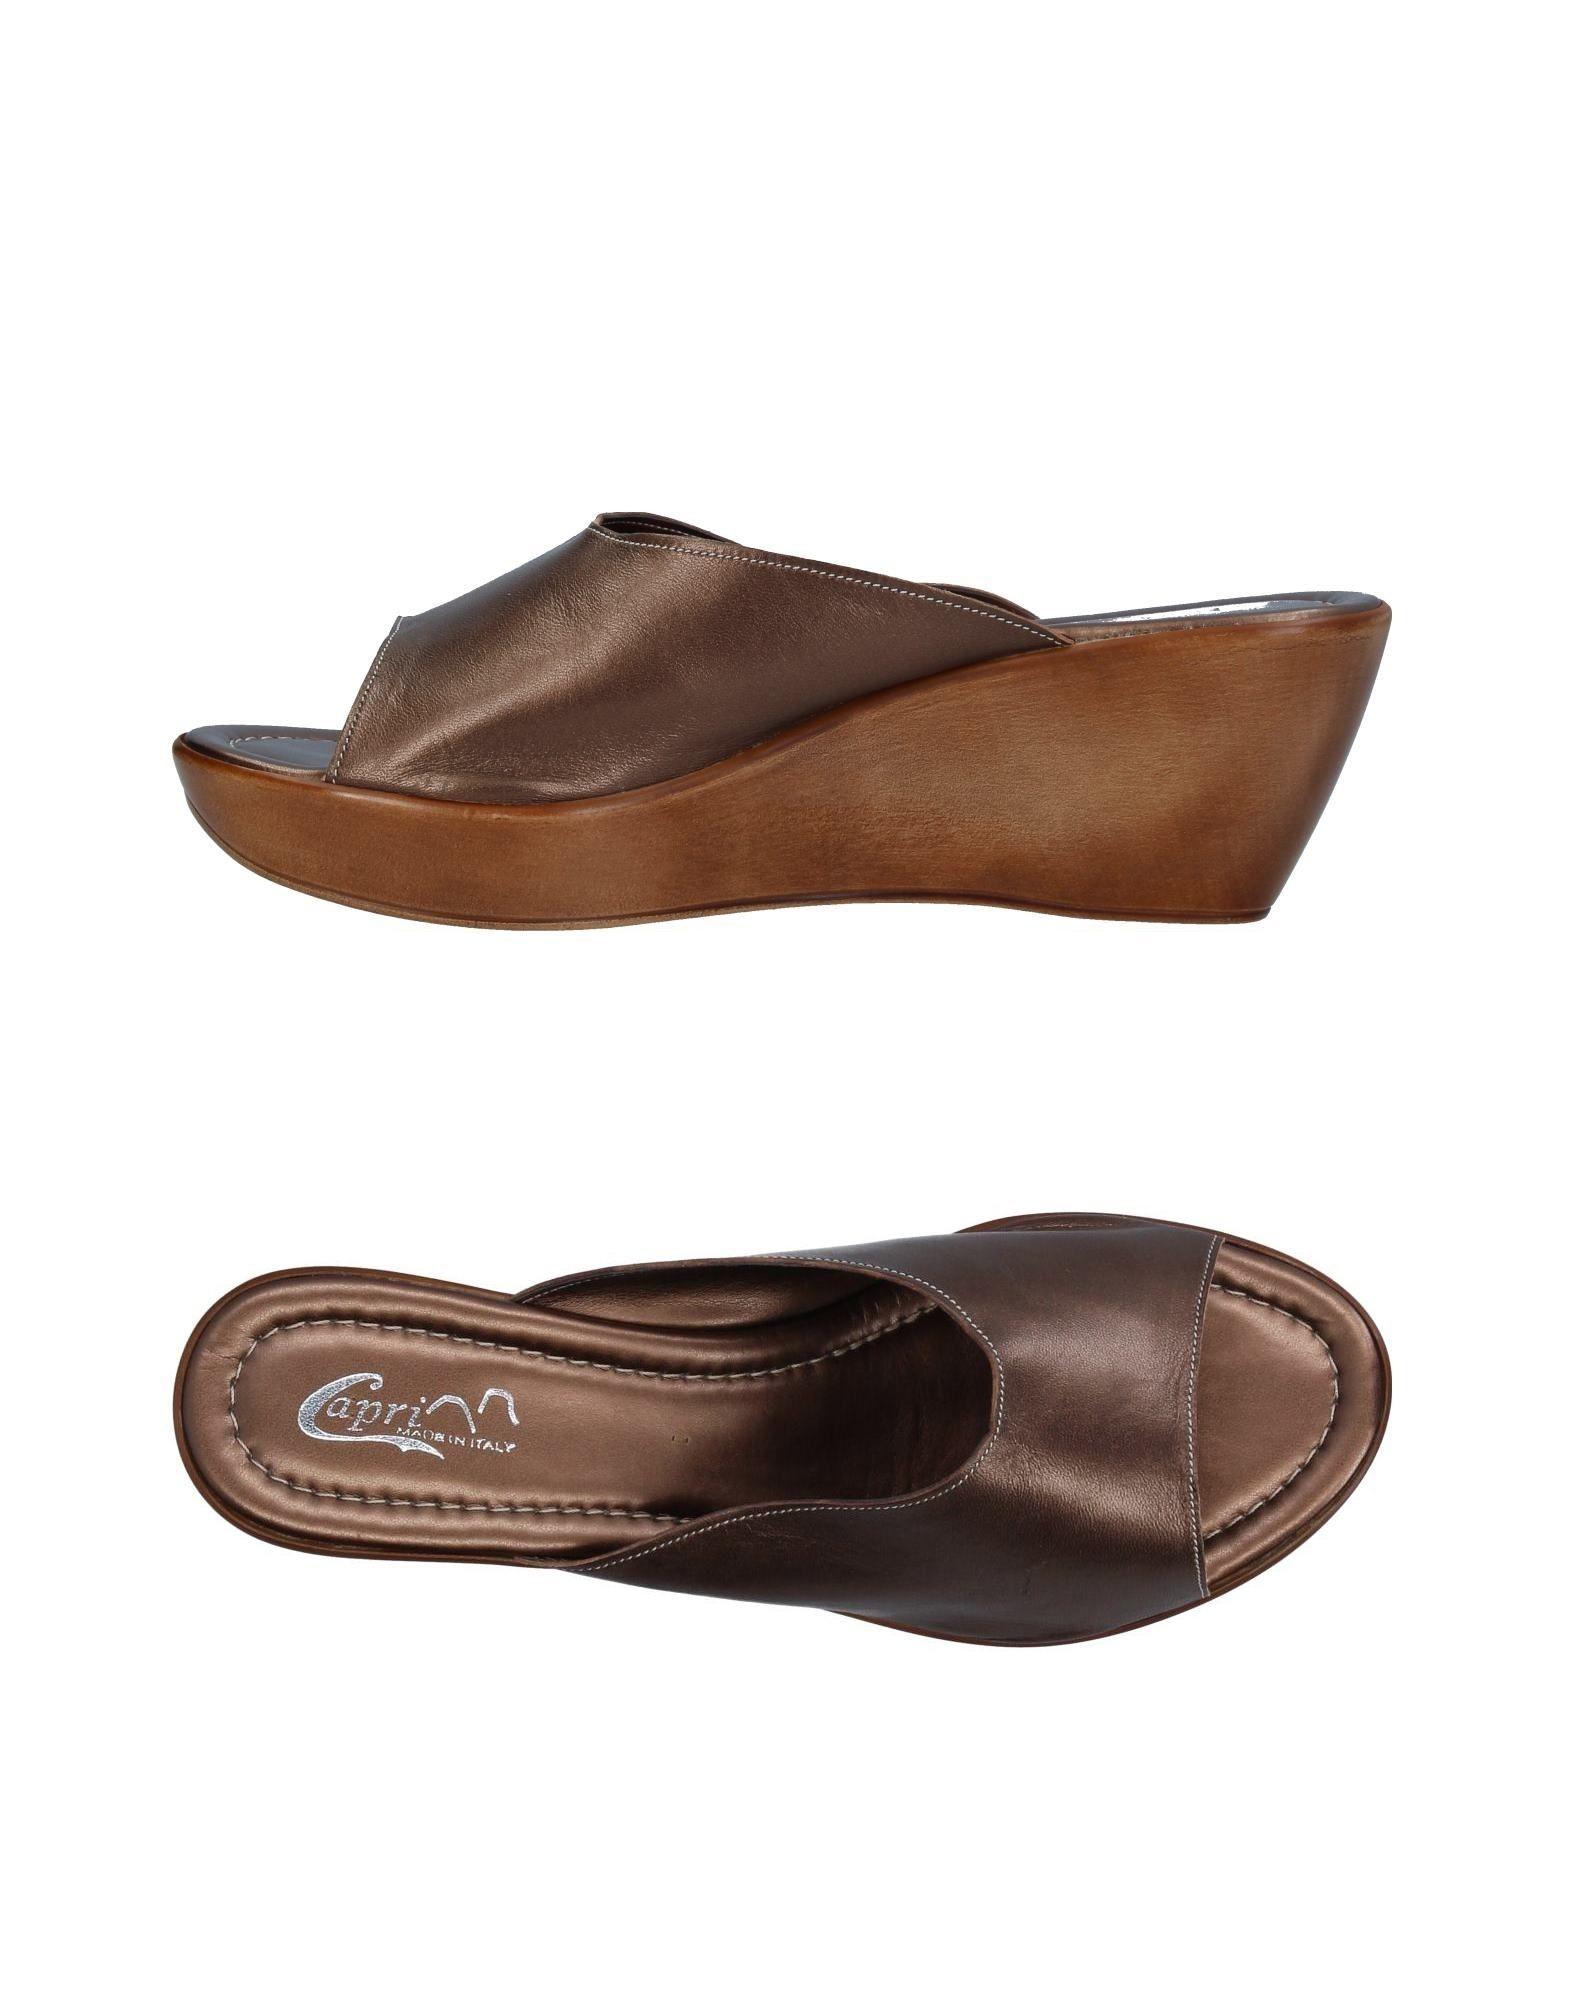 Moda Sandali Capri Donna Donna Capri - 11364106IB bd6f20